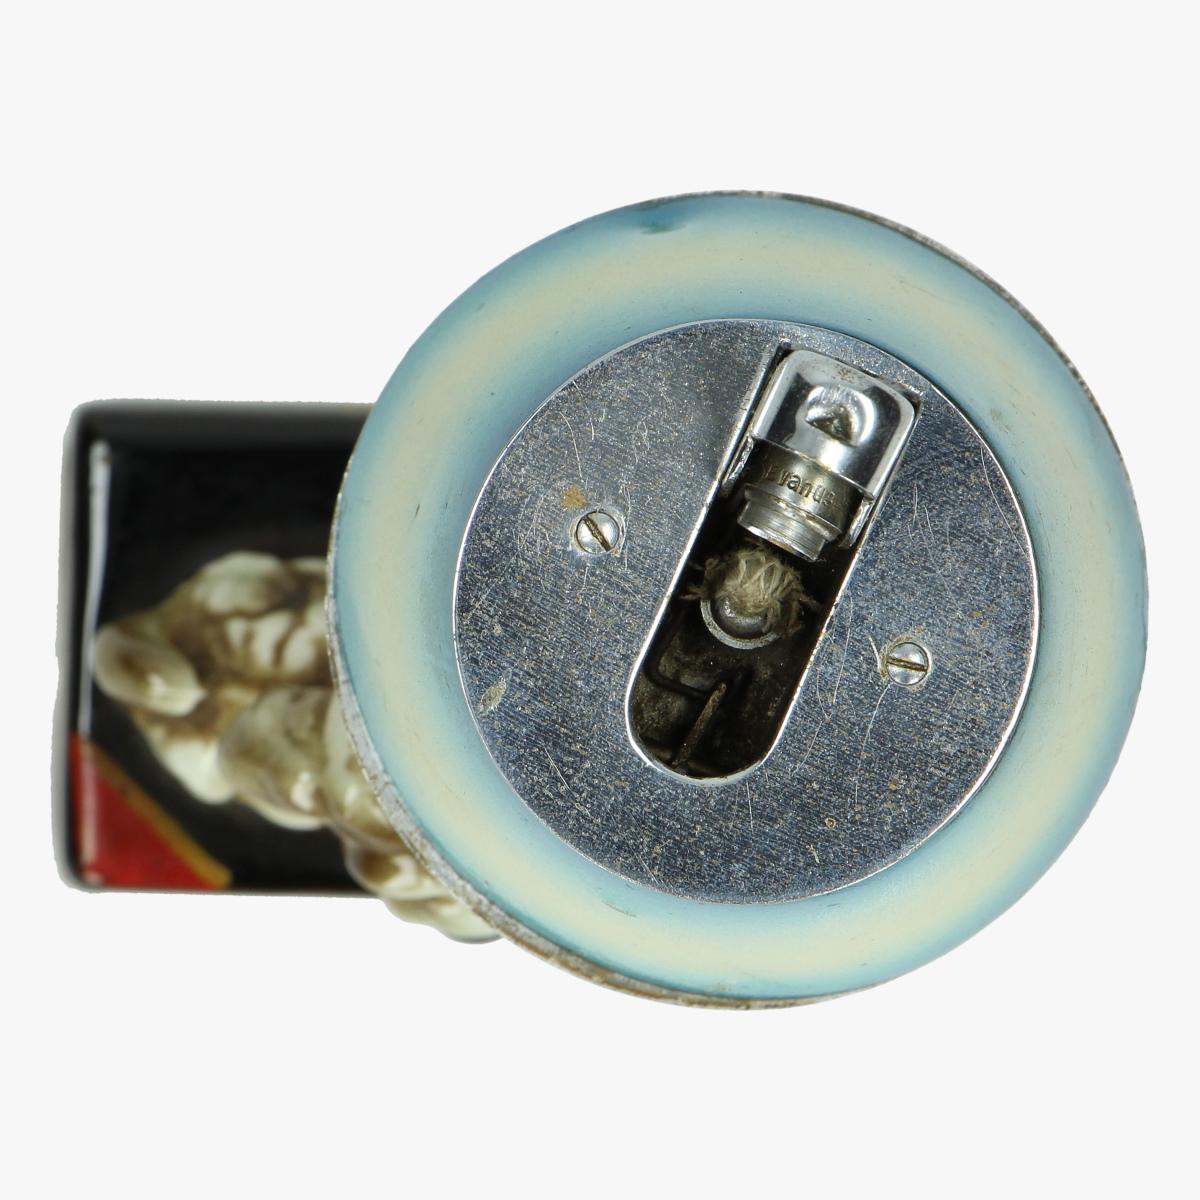 Afbeeldingen van aansteker lamp hondje porselein